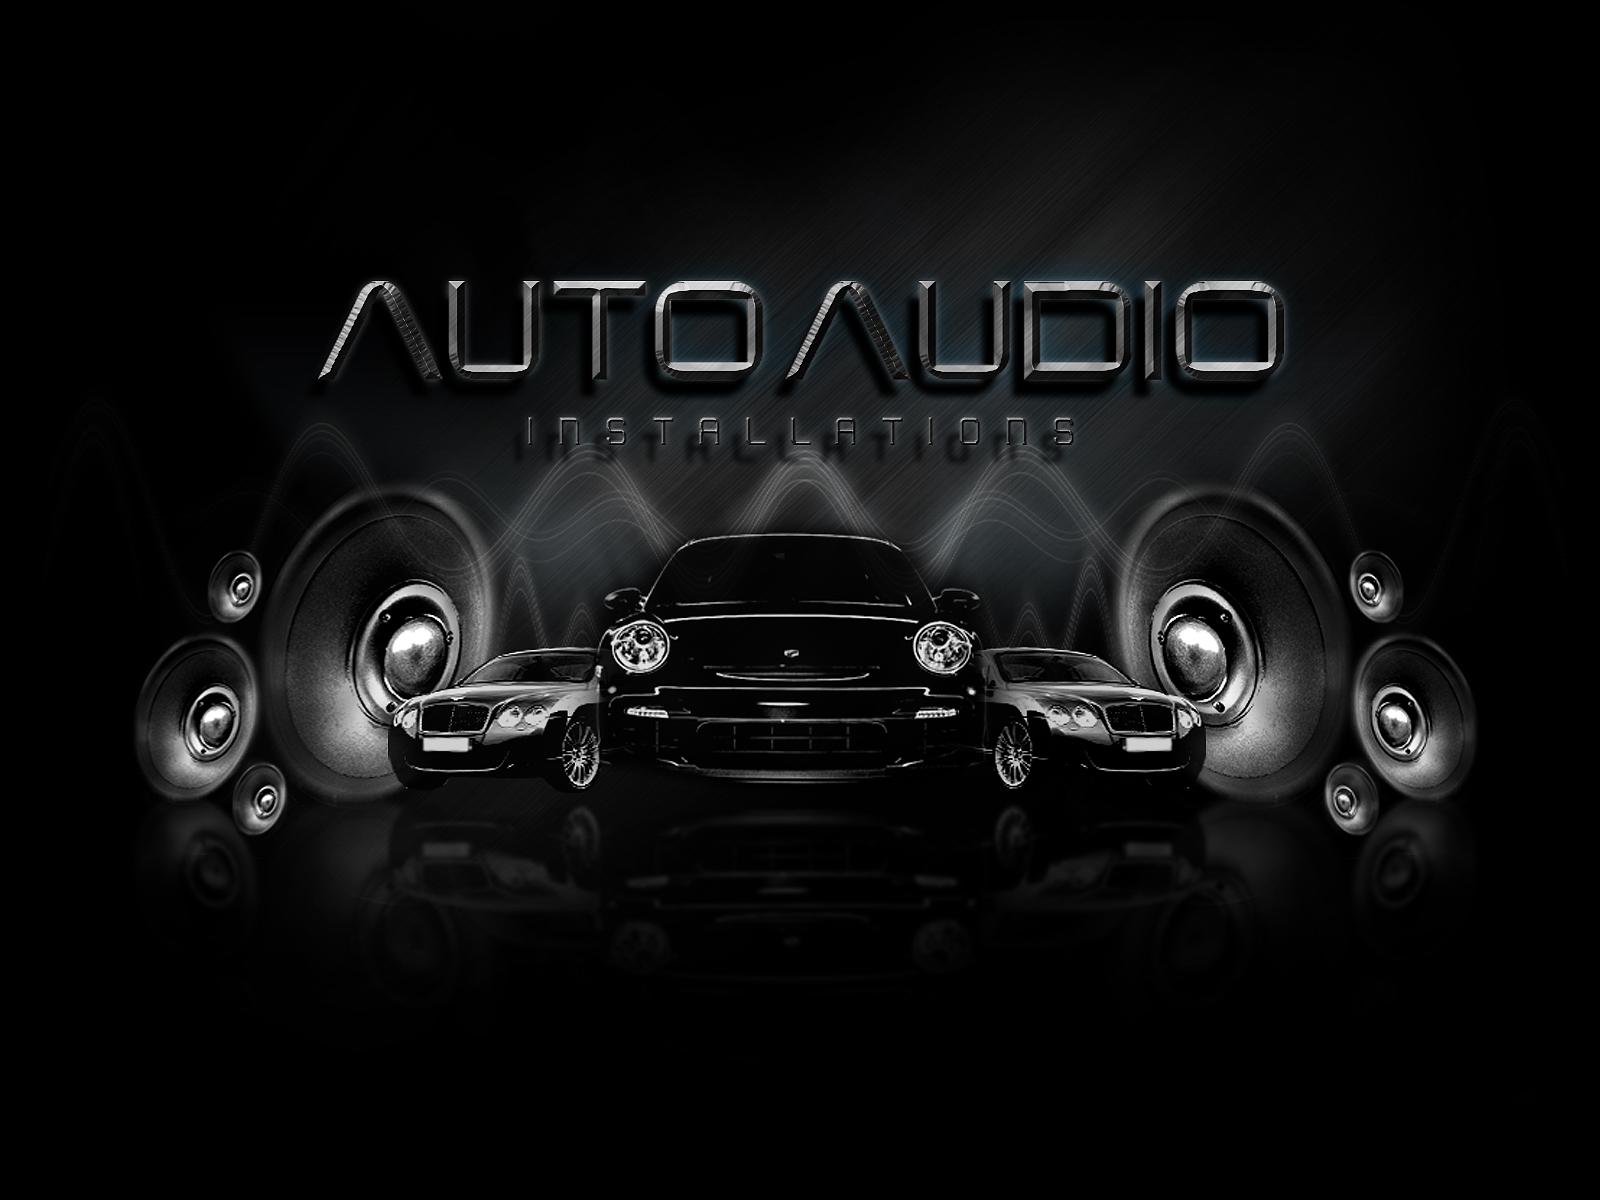 Sound wallpapers wallpapersafari - Audio wallpaper ...